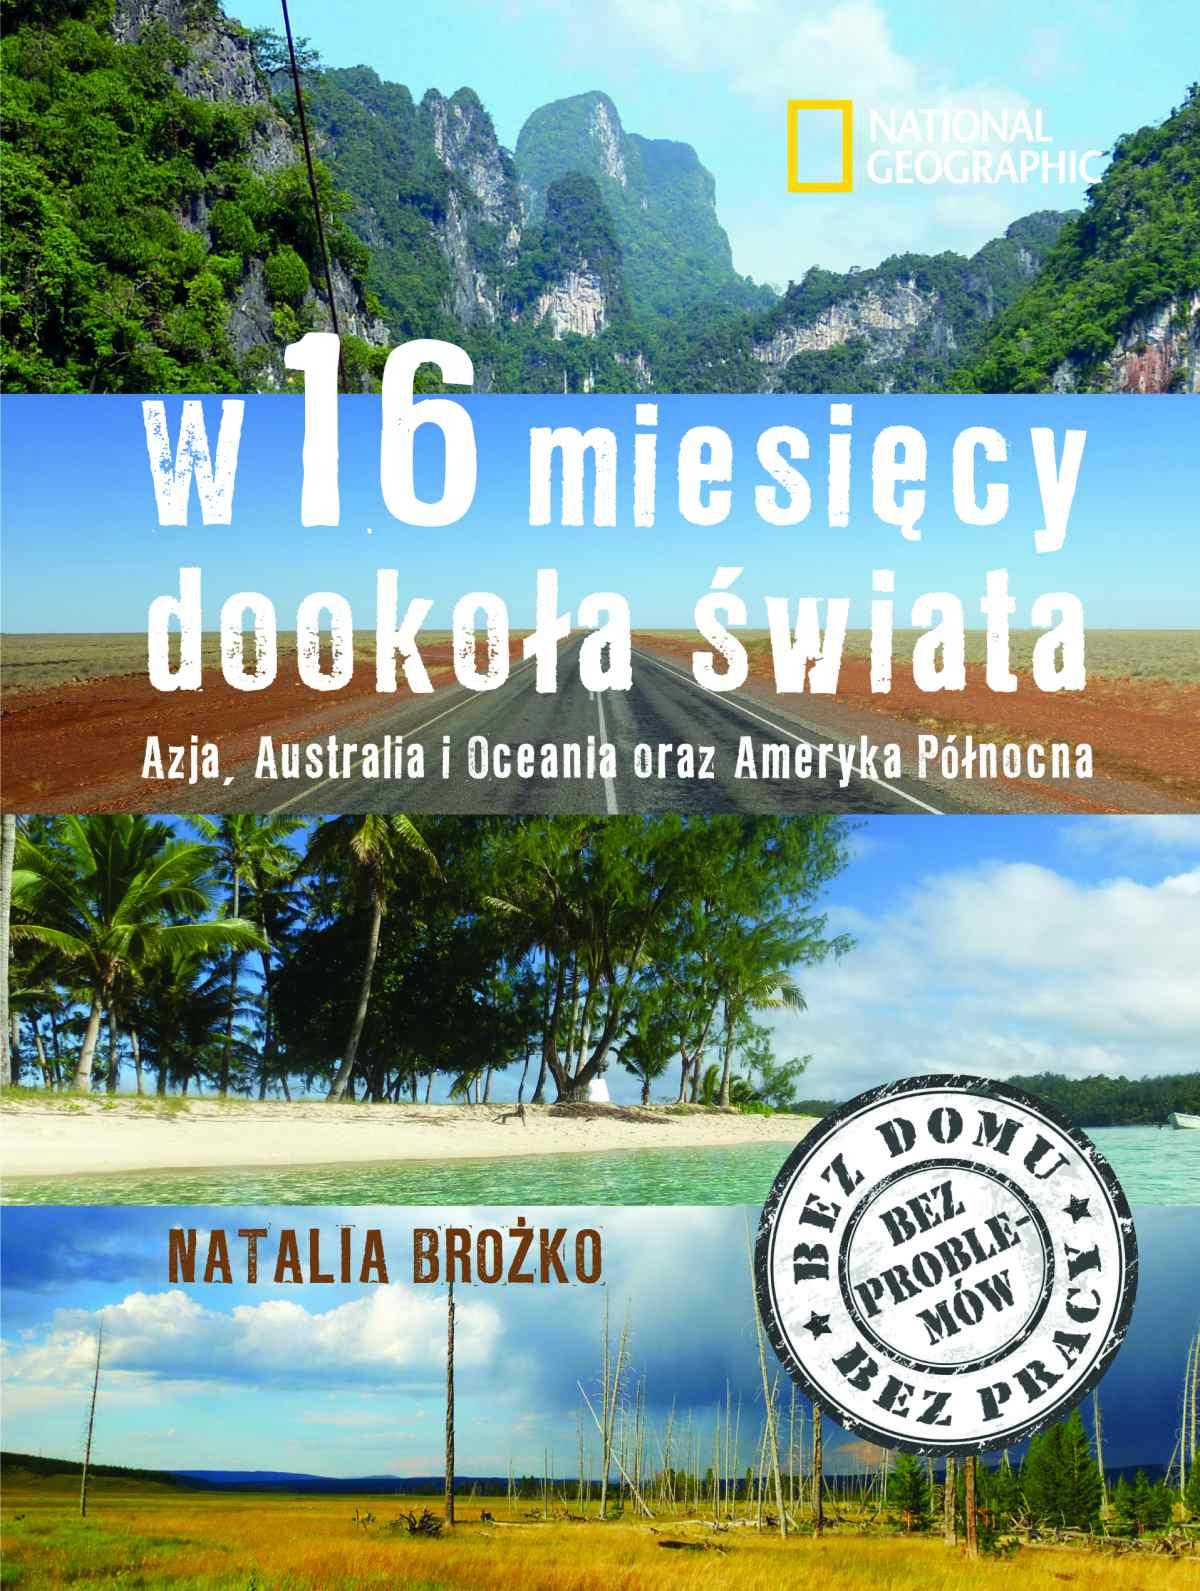 W 16 miesięcy dookoła świata. Azja, Australia i Oceania oraz Ameryka Północna - Ebook (Książka na Kindle) do pobrania w formacie MOBI